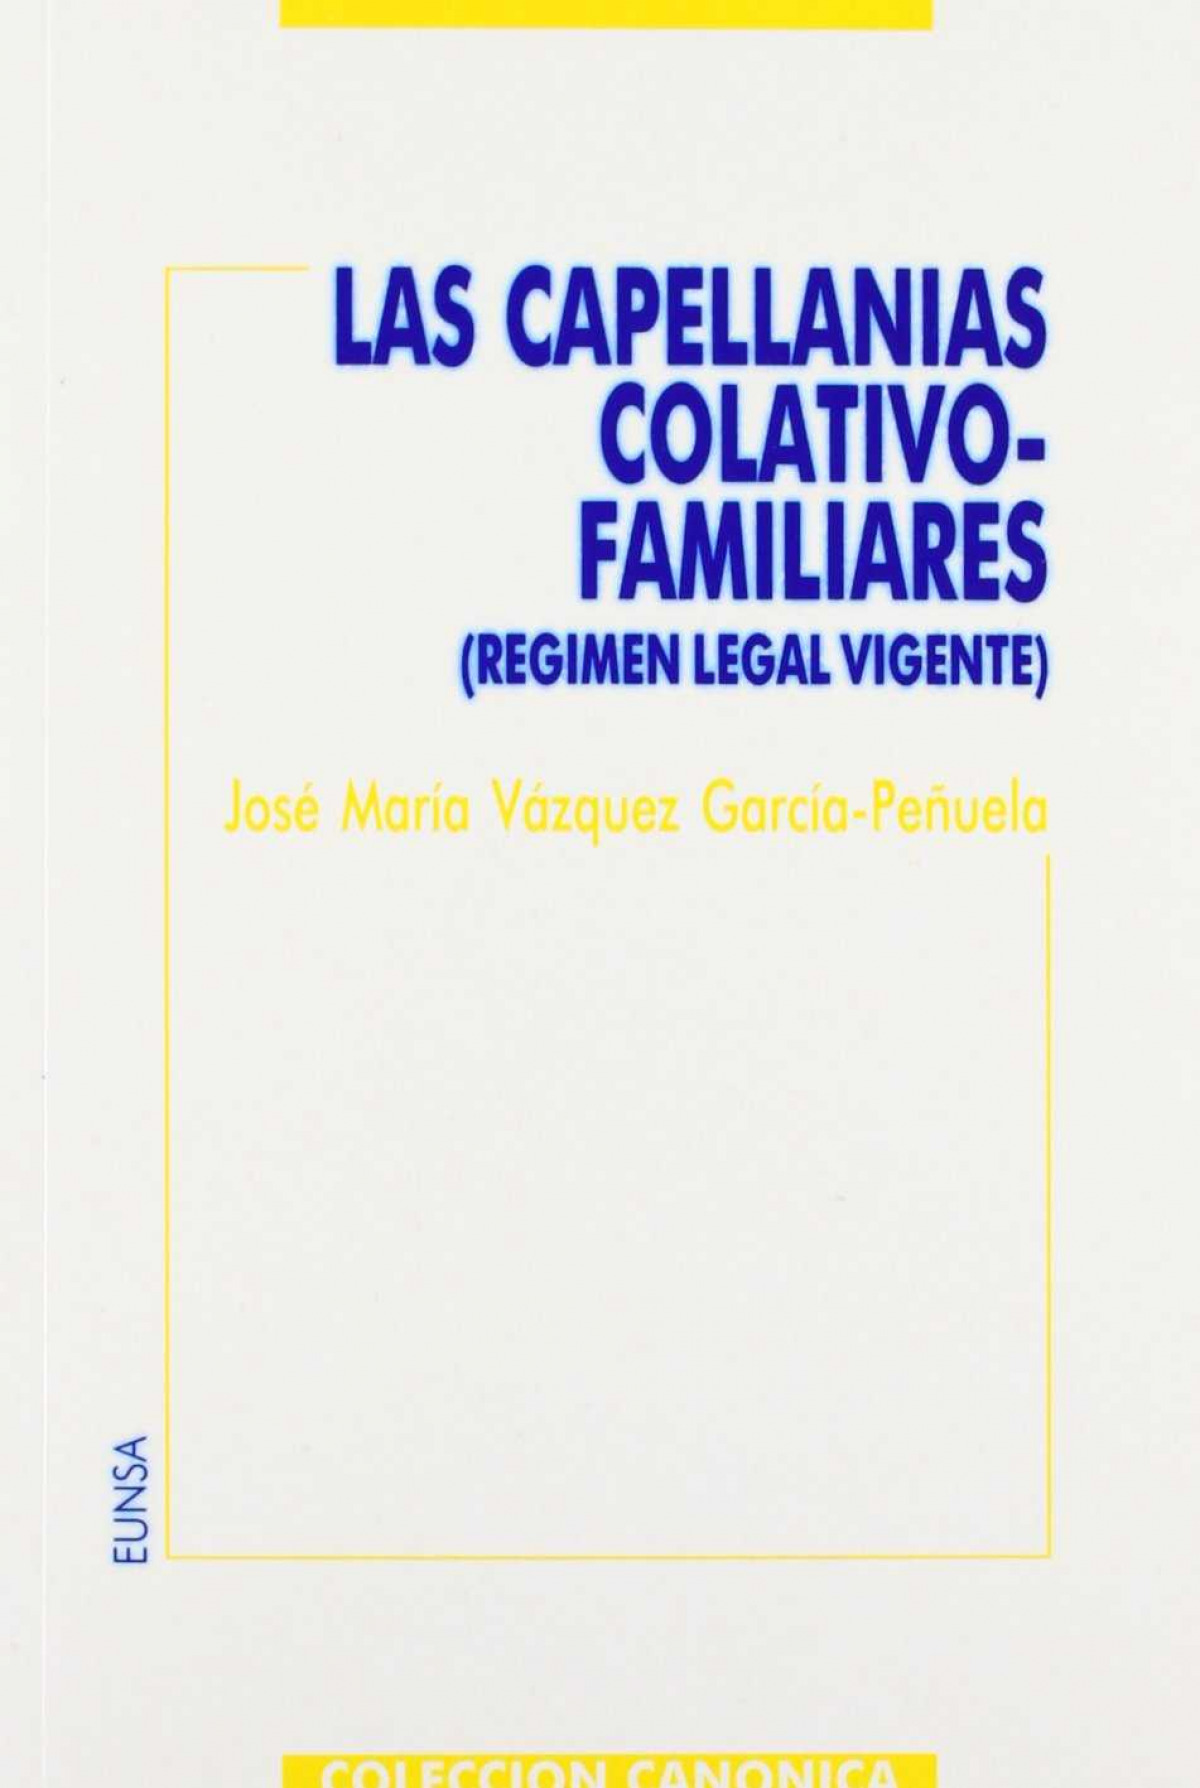 Las capellanías colativo-familiares - Vázquez García-Peñuela, José María